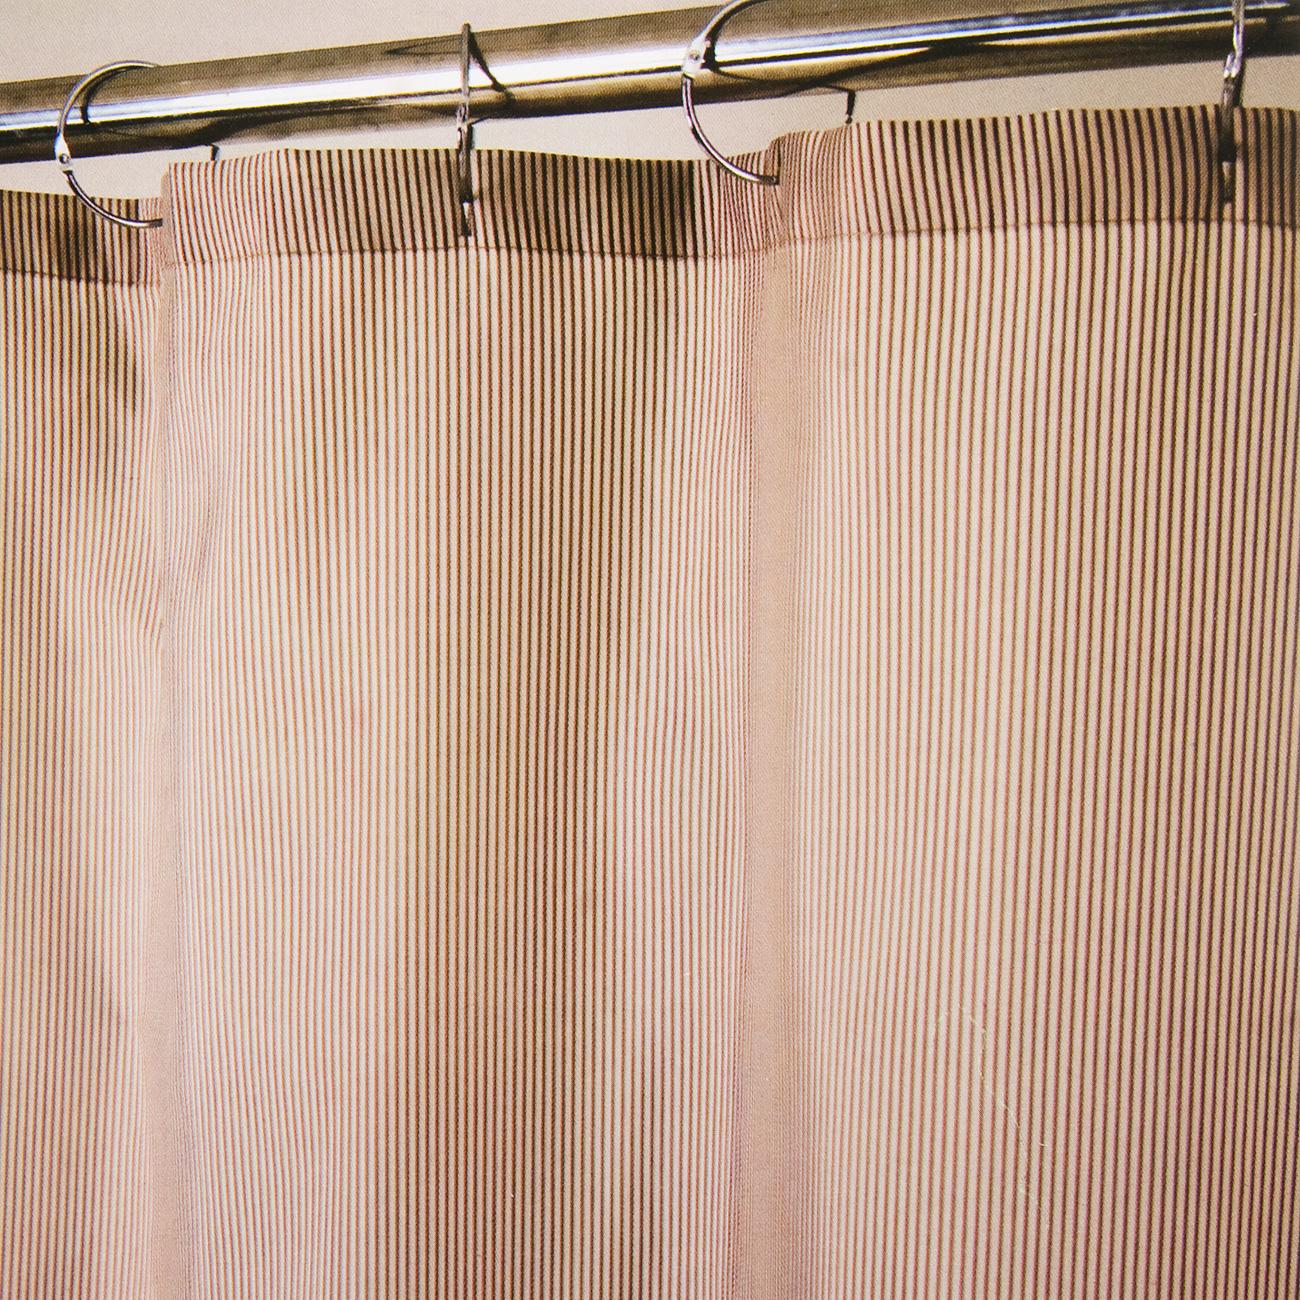 Штора для ванной комнаты Aqva Line Ваниль, с крючками, 180 х 180 см531-105Штора для ванной комнаты Aqva Line Ваниль, изготовленная из высококачественного полиэстера, приятна на ощупь, устойчива к разрывам и проколам, не пропускает воду. Она надежно защитит от брызг и капель пространство вашей ванной комнаты в то время, пока вы принимаете душ, а привлекательный дизайн шторы наполнит вашу ванную комнату положительной энергией.